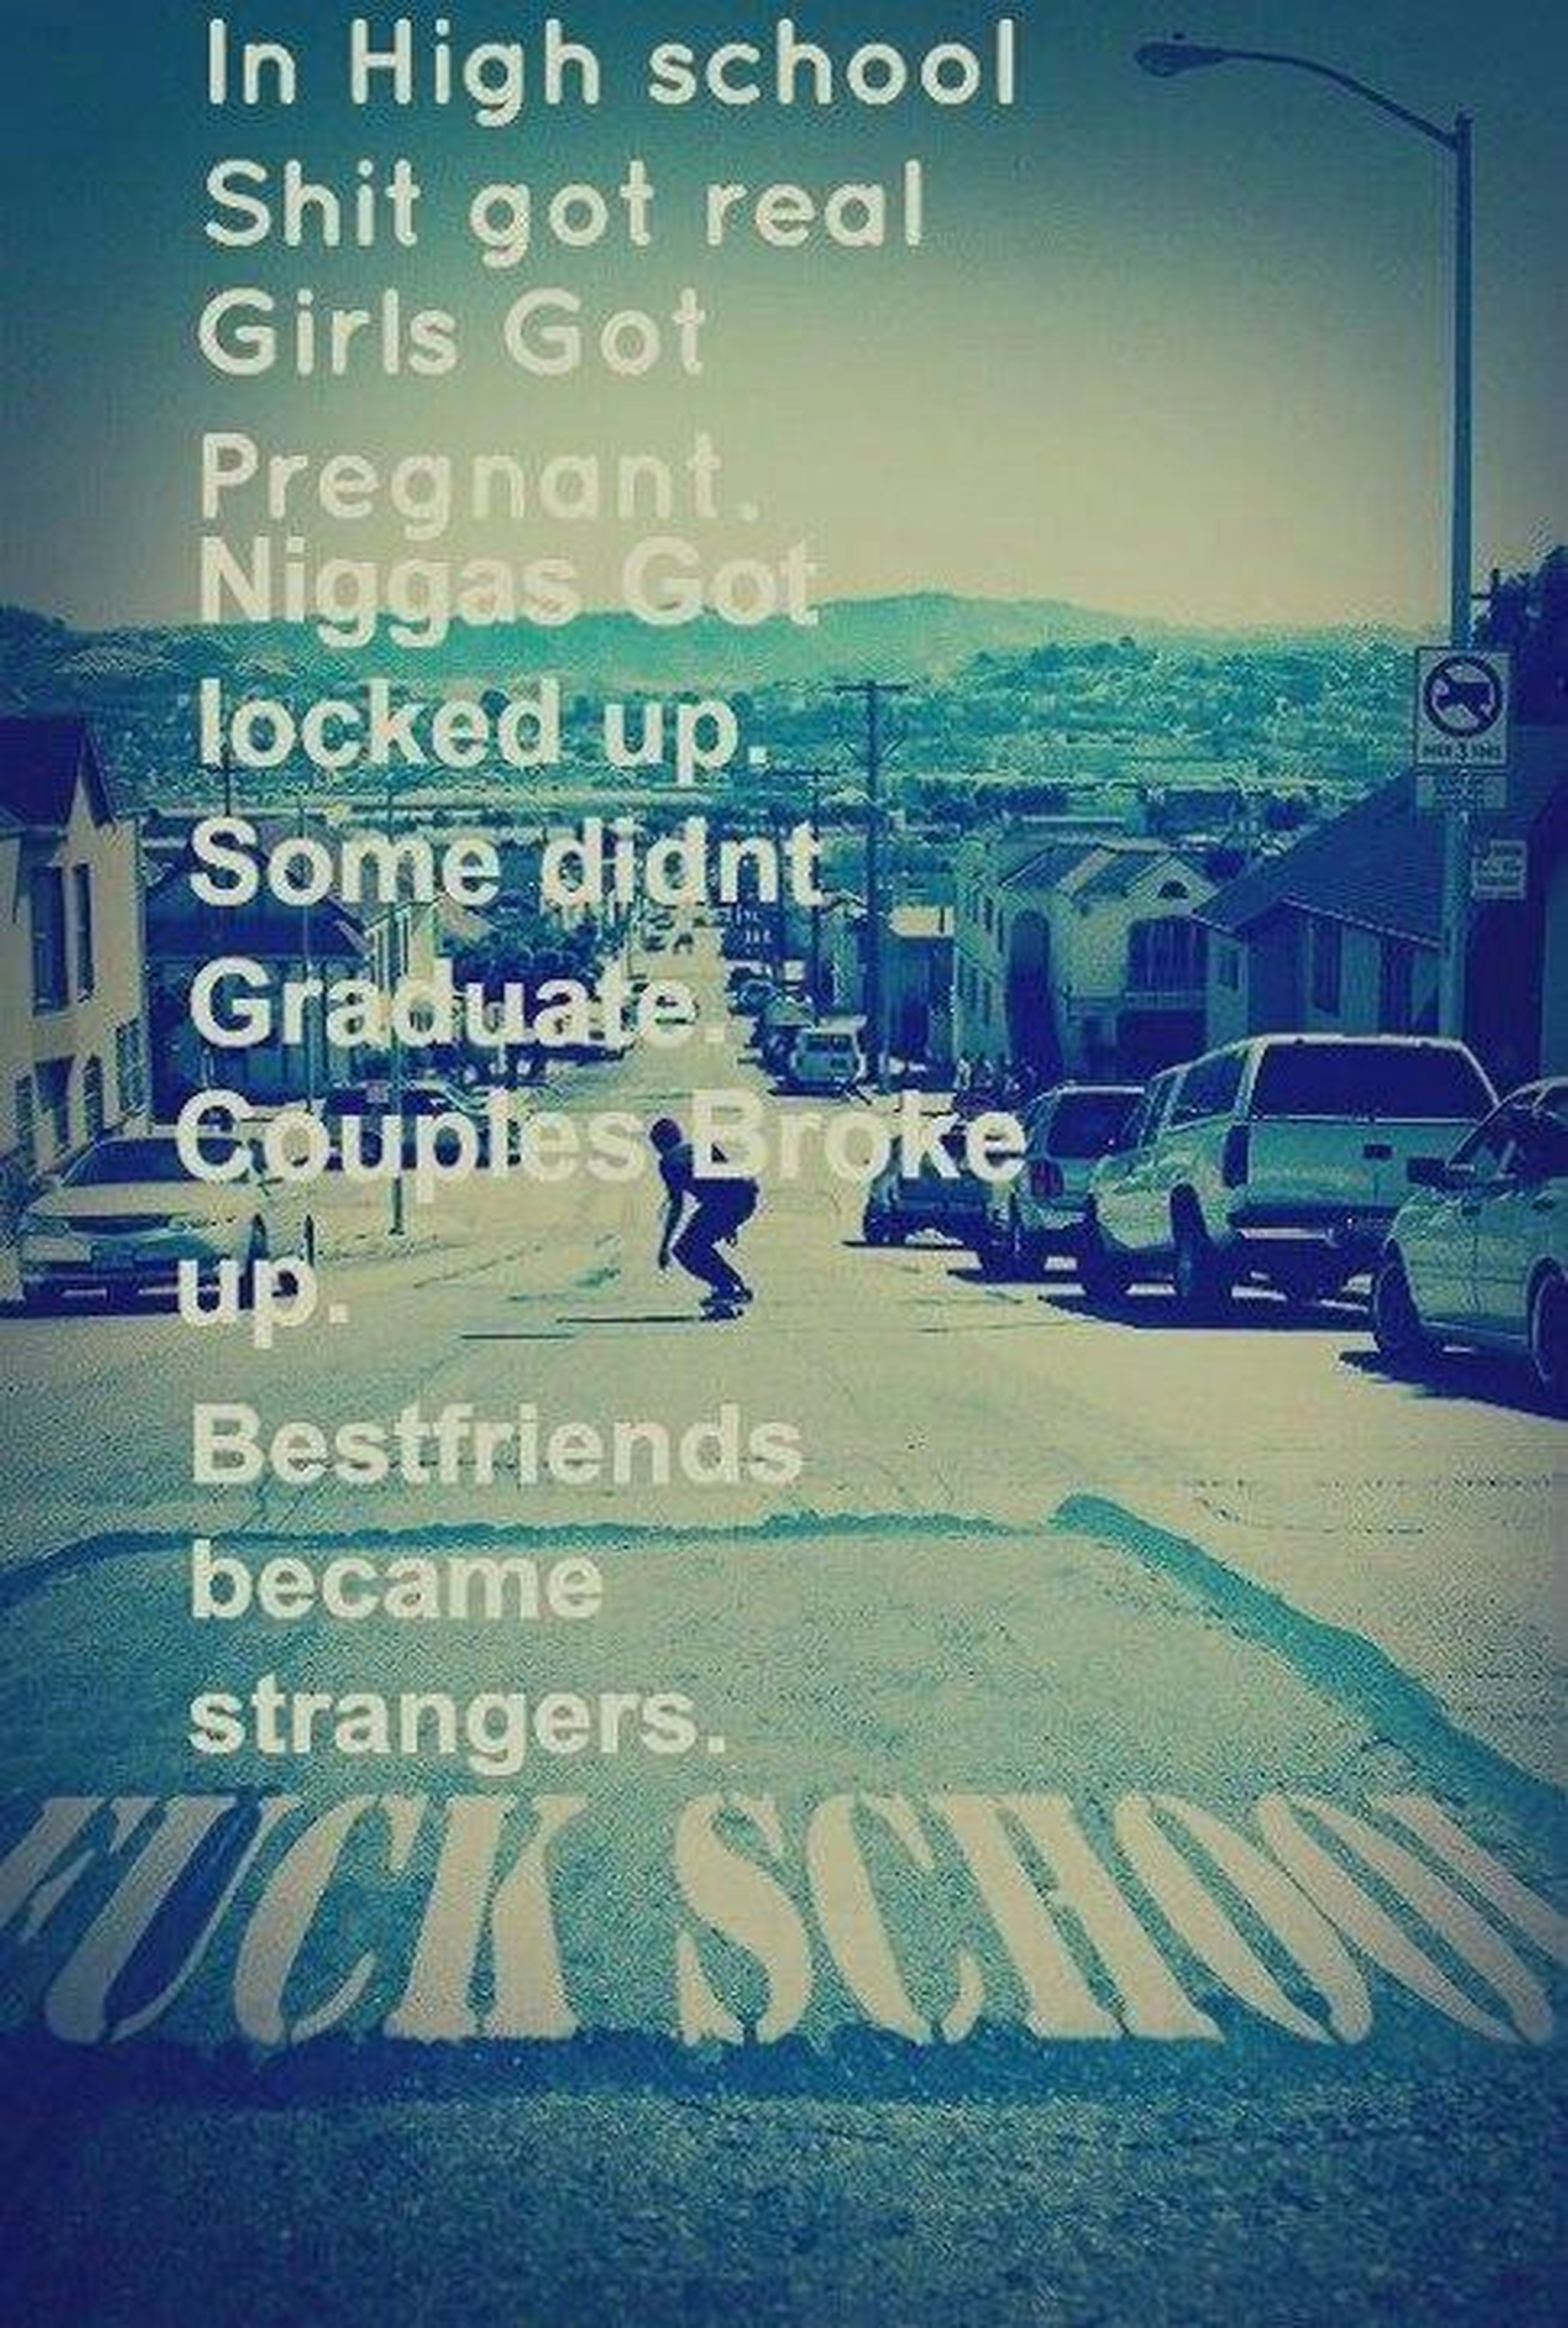 True, True , TRUE!!